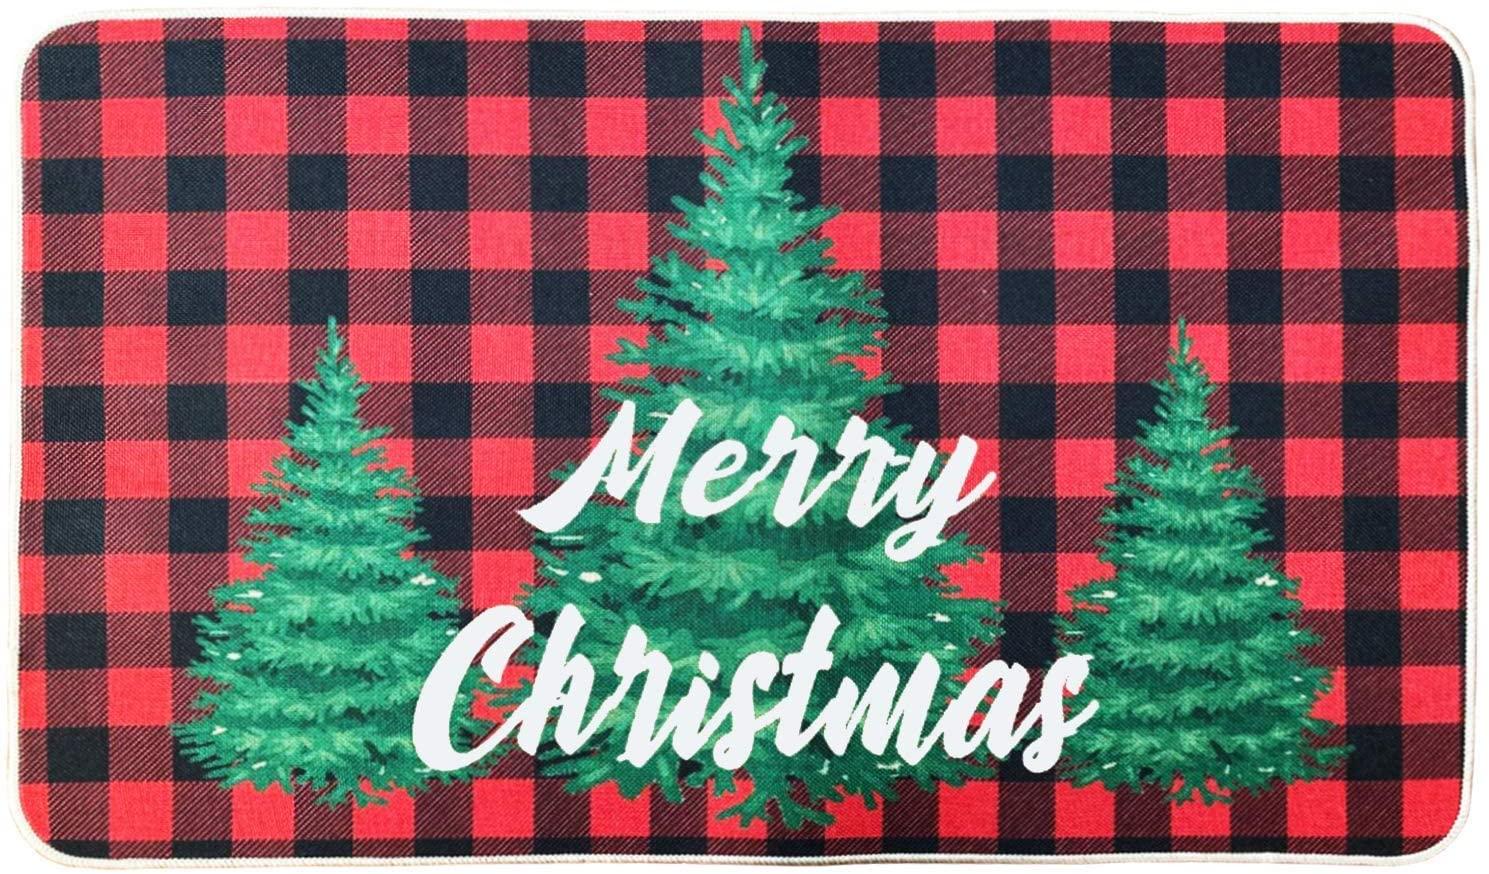 Merry Christmas Doormat 18 x 30 Inch,Winter Holiday Indoor Outdoor Home Garden Non-Skid Floor Mat,Christmas Tree Rubber Door Rug